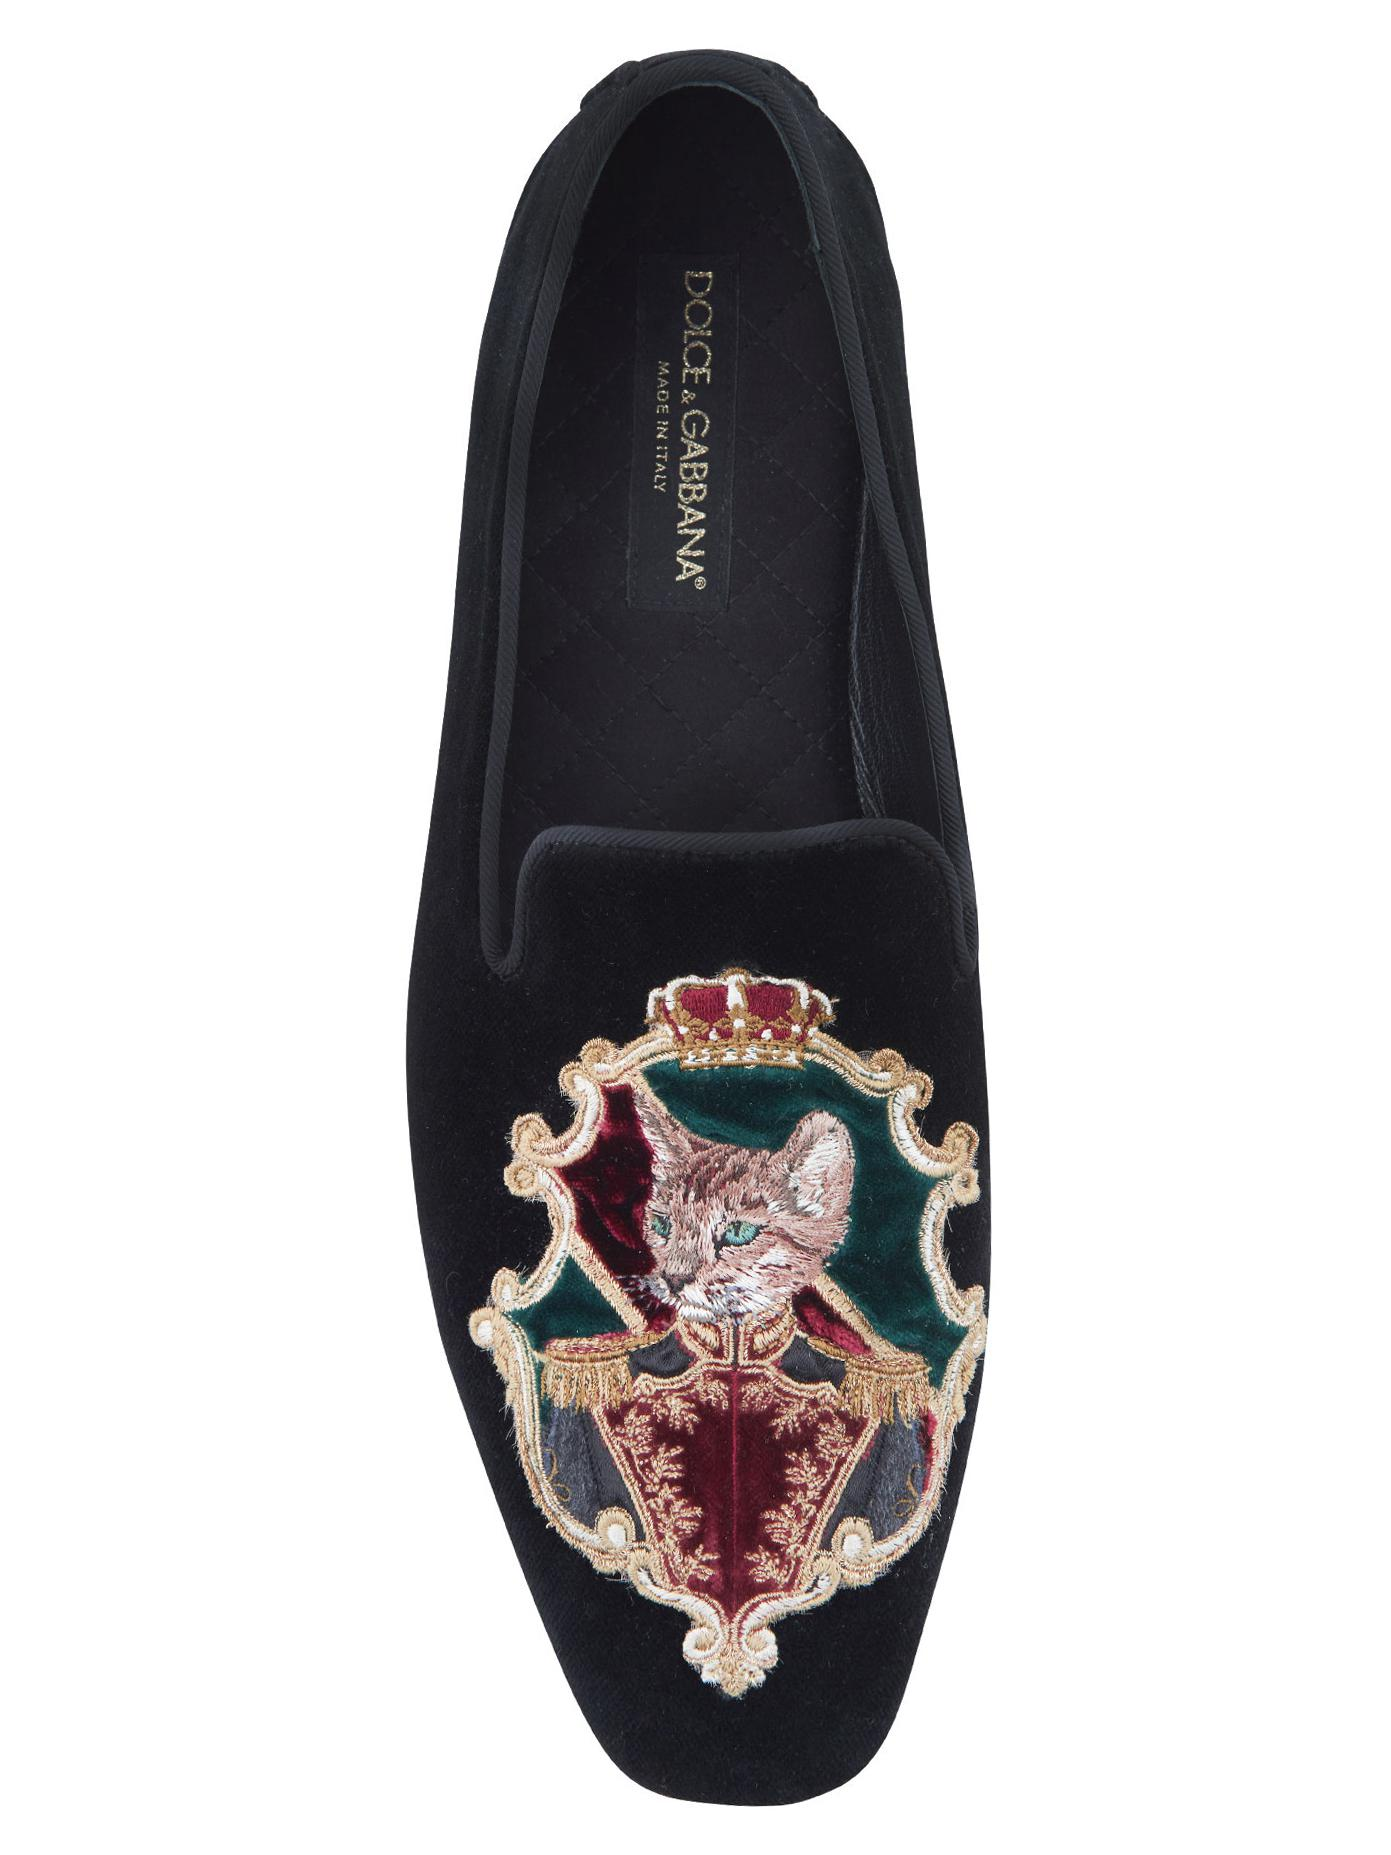 Dolce & Gabbana Embroidered Cat Velvet Slippers in Black for Men